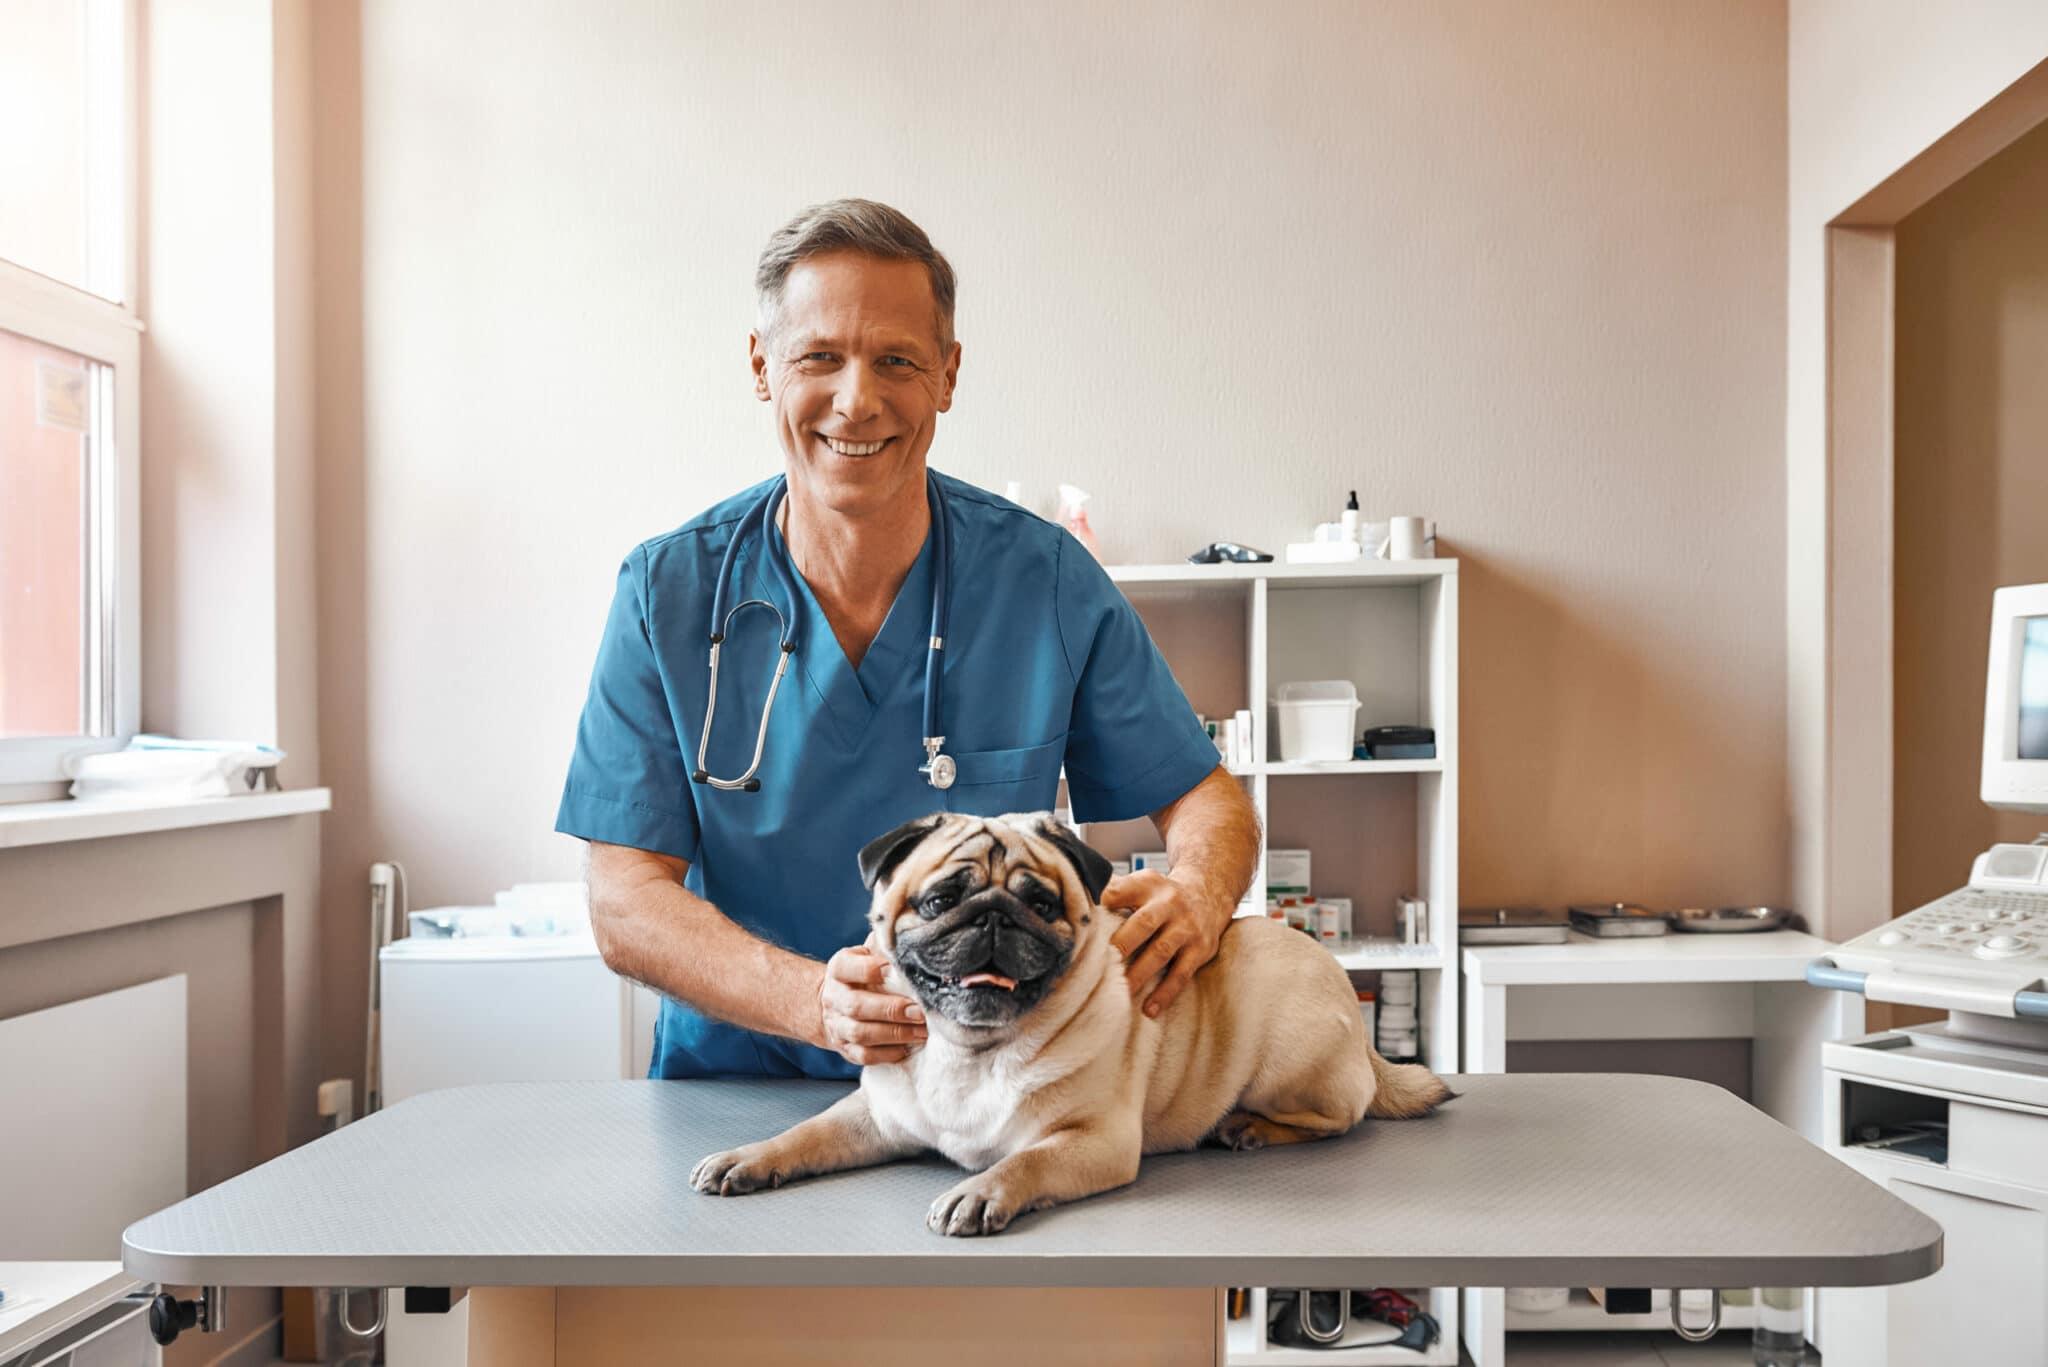 Comment devenir vétérinaire